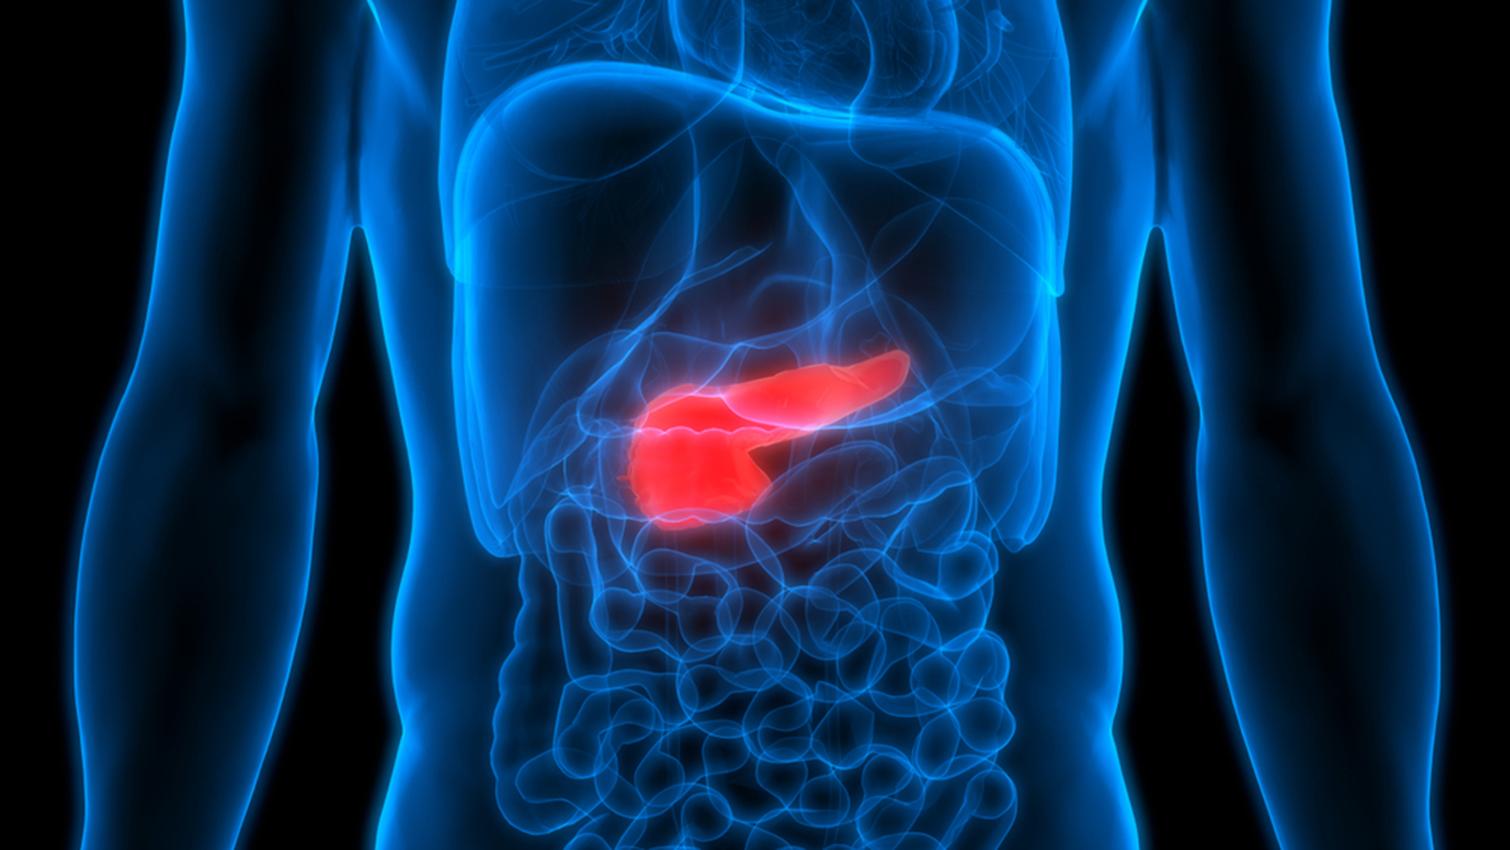 Nuevo tratamiento farmacológico frena propagación de cáncer de páncreas Foto con fines ilustrativos